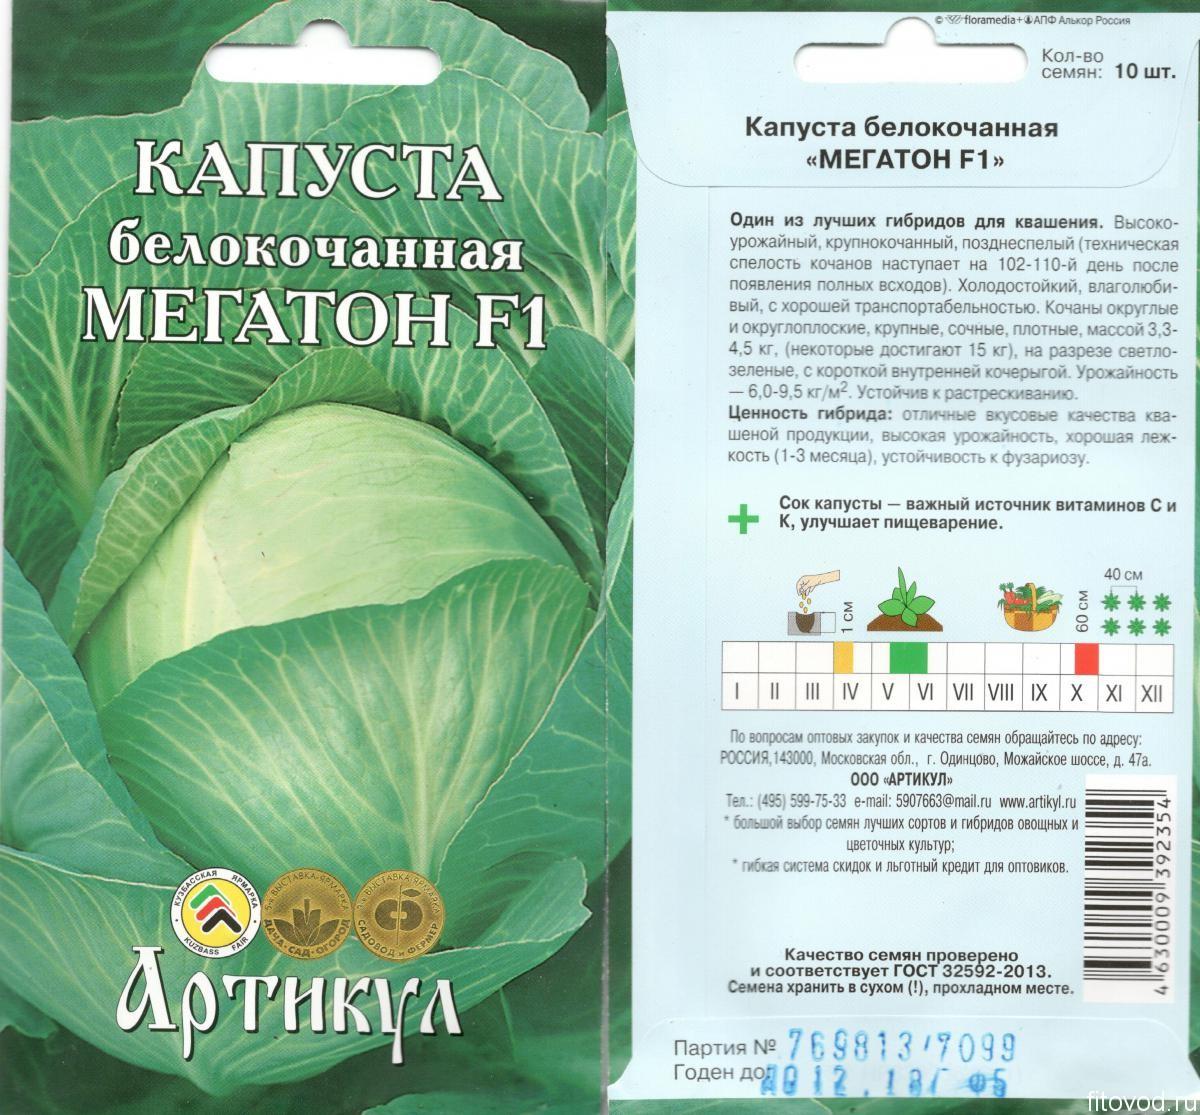 Капуста мегатон f1: описание и фото сорта, характеристика преимуществ и недостатков, посадка семян и рассады, уход за овощем, а также возможные болезни русский фермер